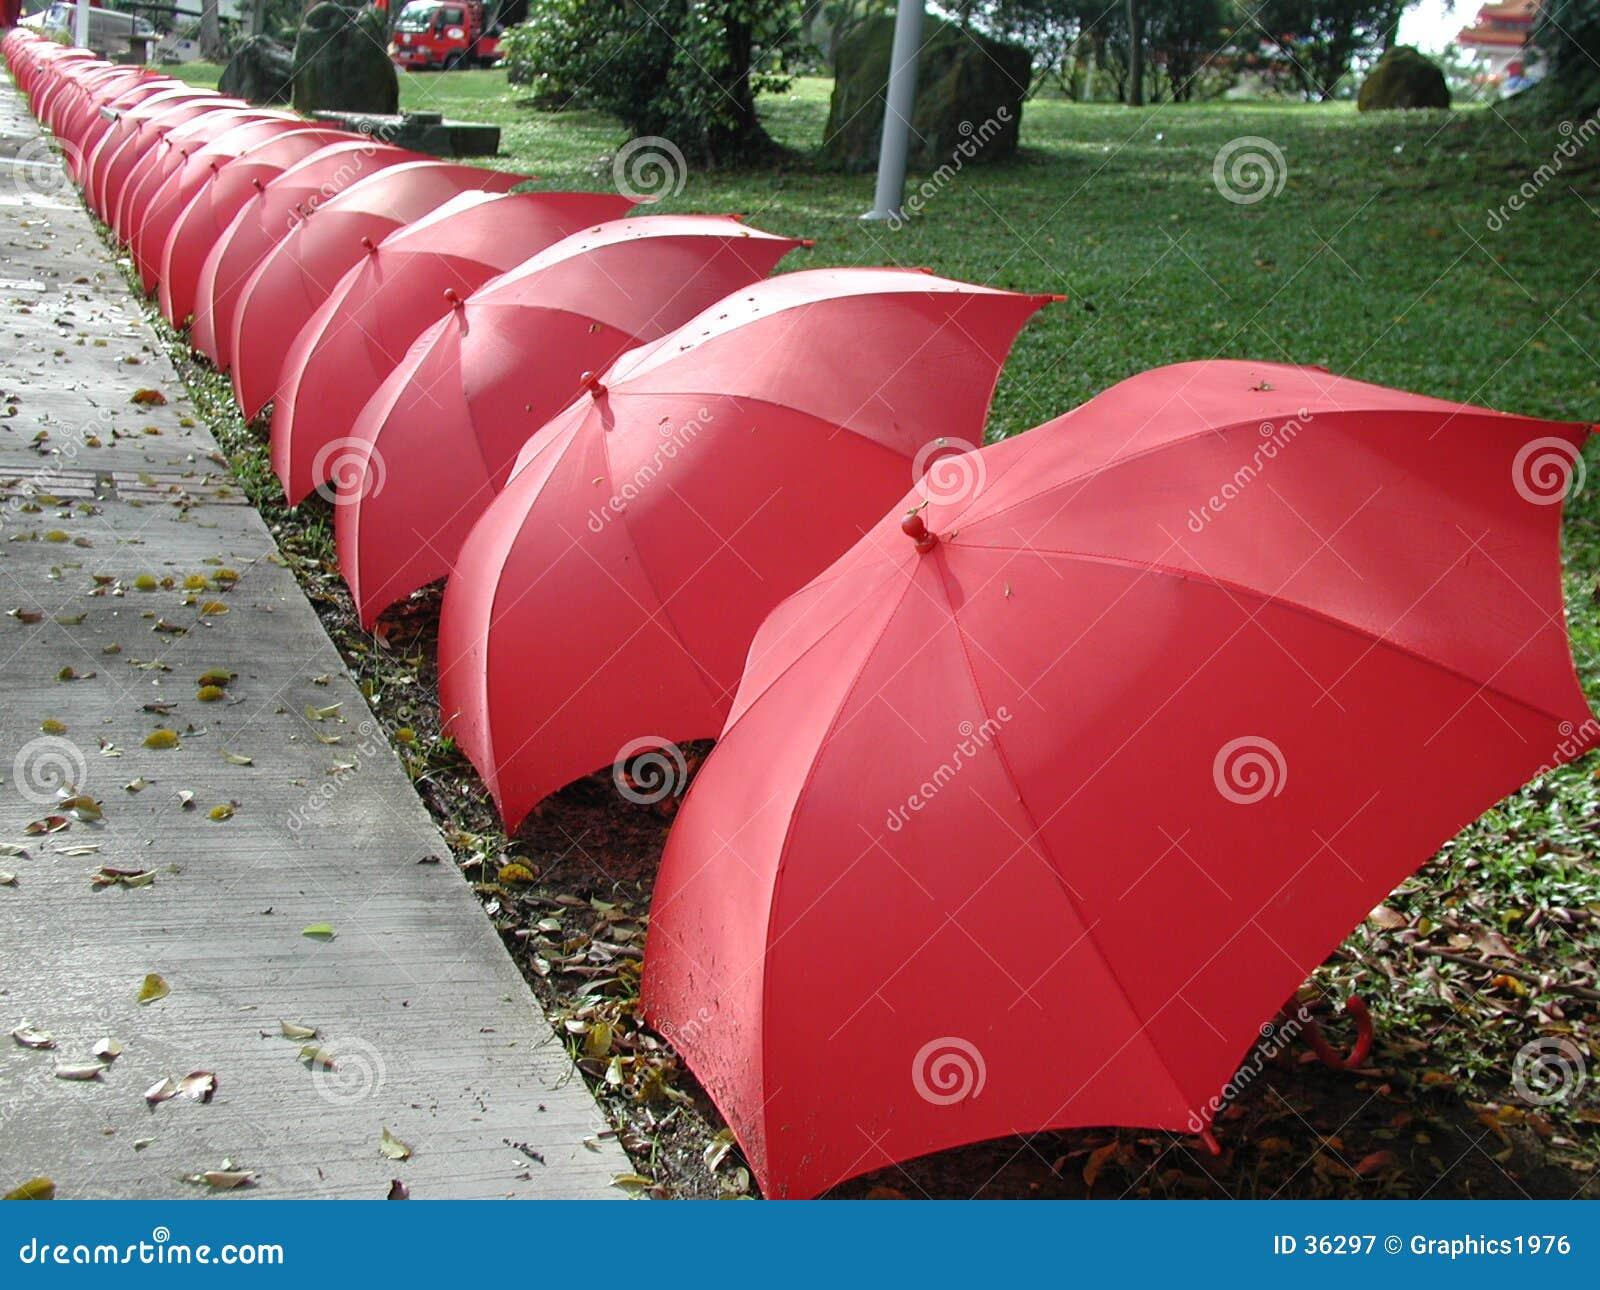 Download Paraguas en una línea imagen de archivo. Imagen de lluvia - 36297